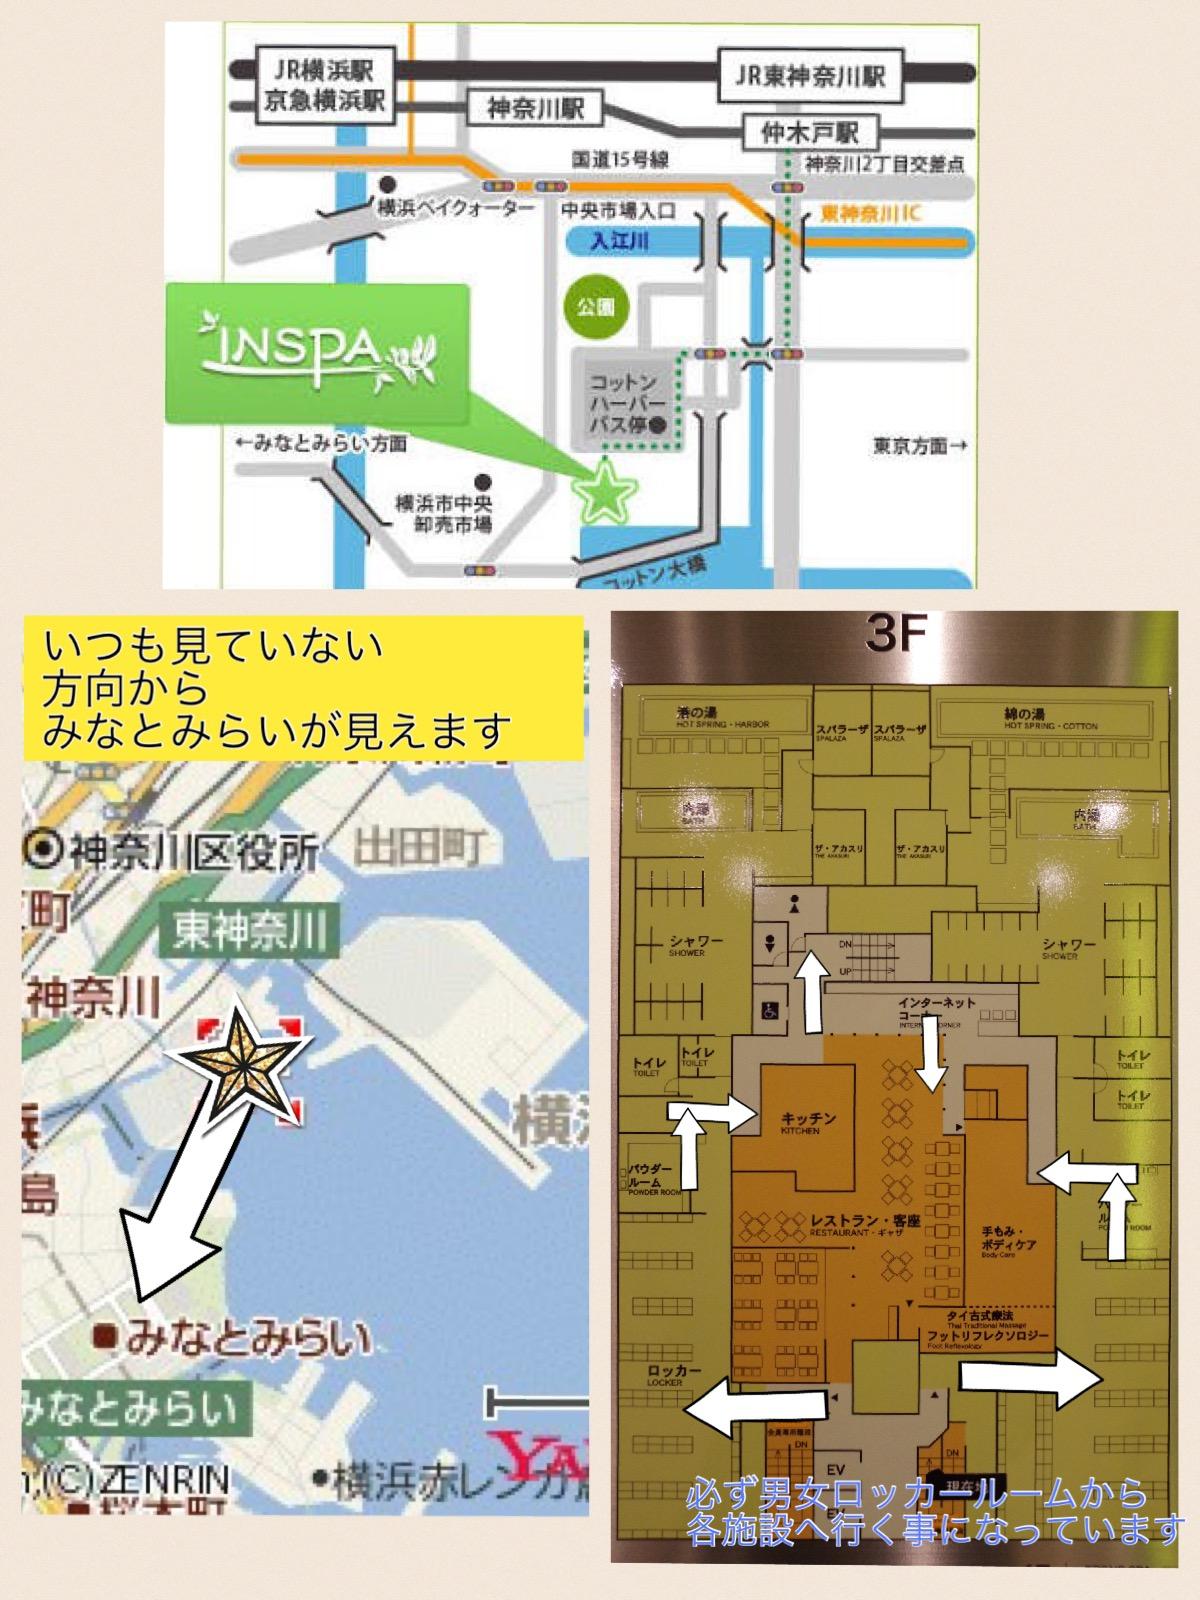 INSPAインスパ横浜